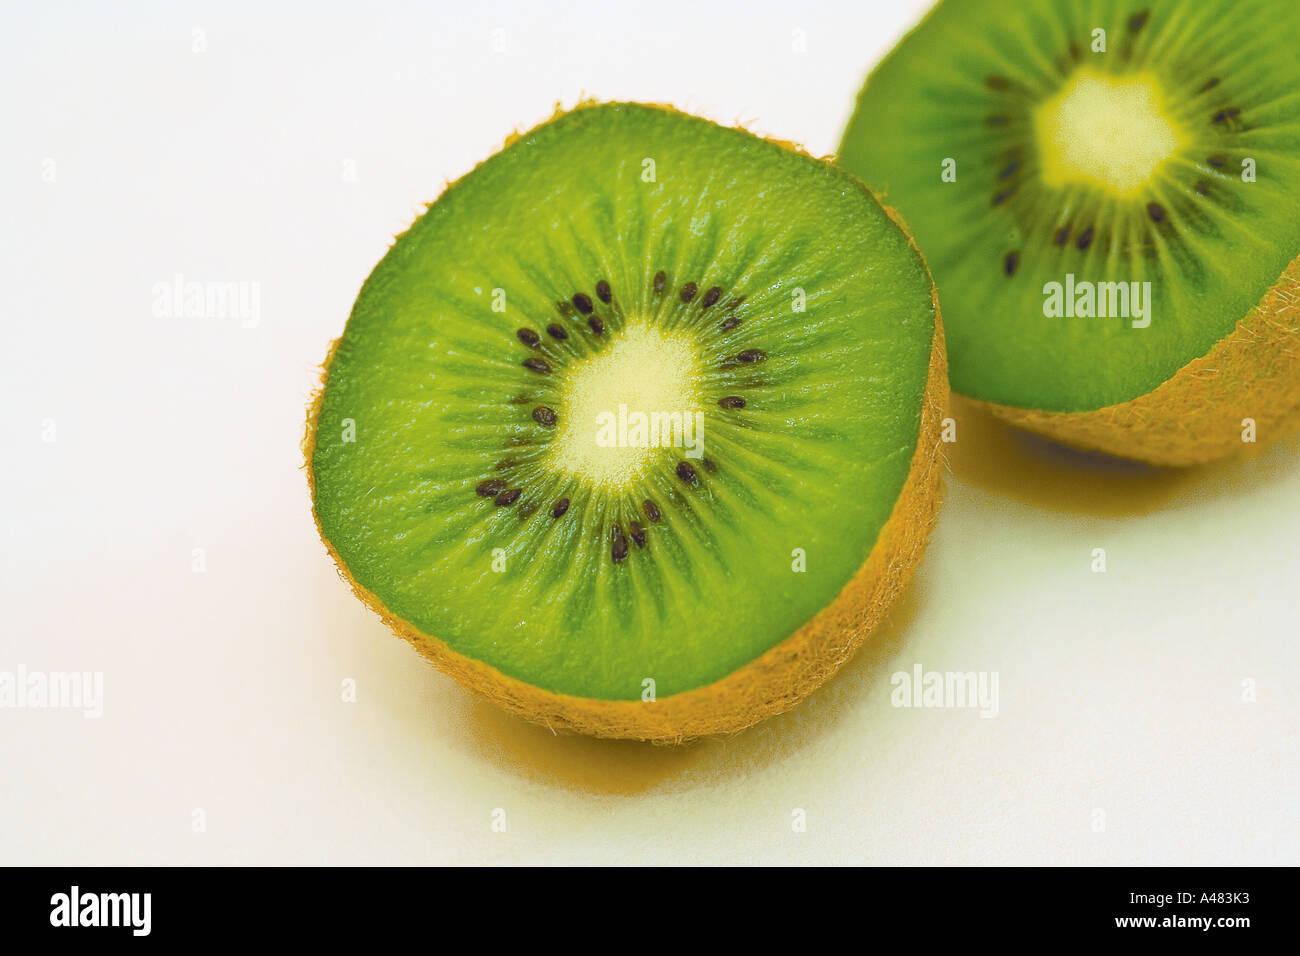 Il kiwi tagliate a metà mostra verde e lussureggiante texture, molto sano di mangiare e ideale per la vostra dieta o diete Immagini Stock